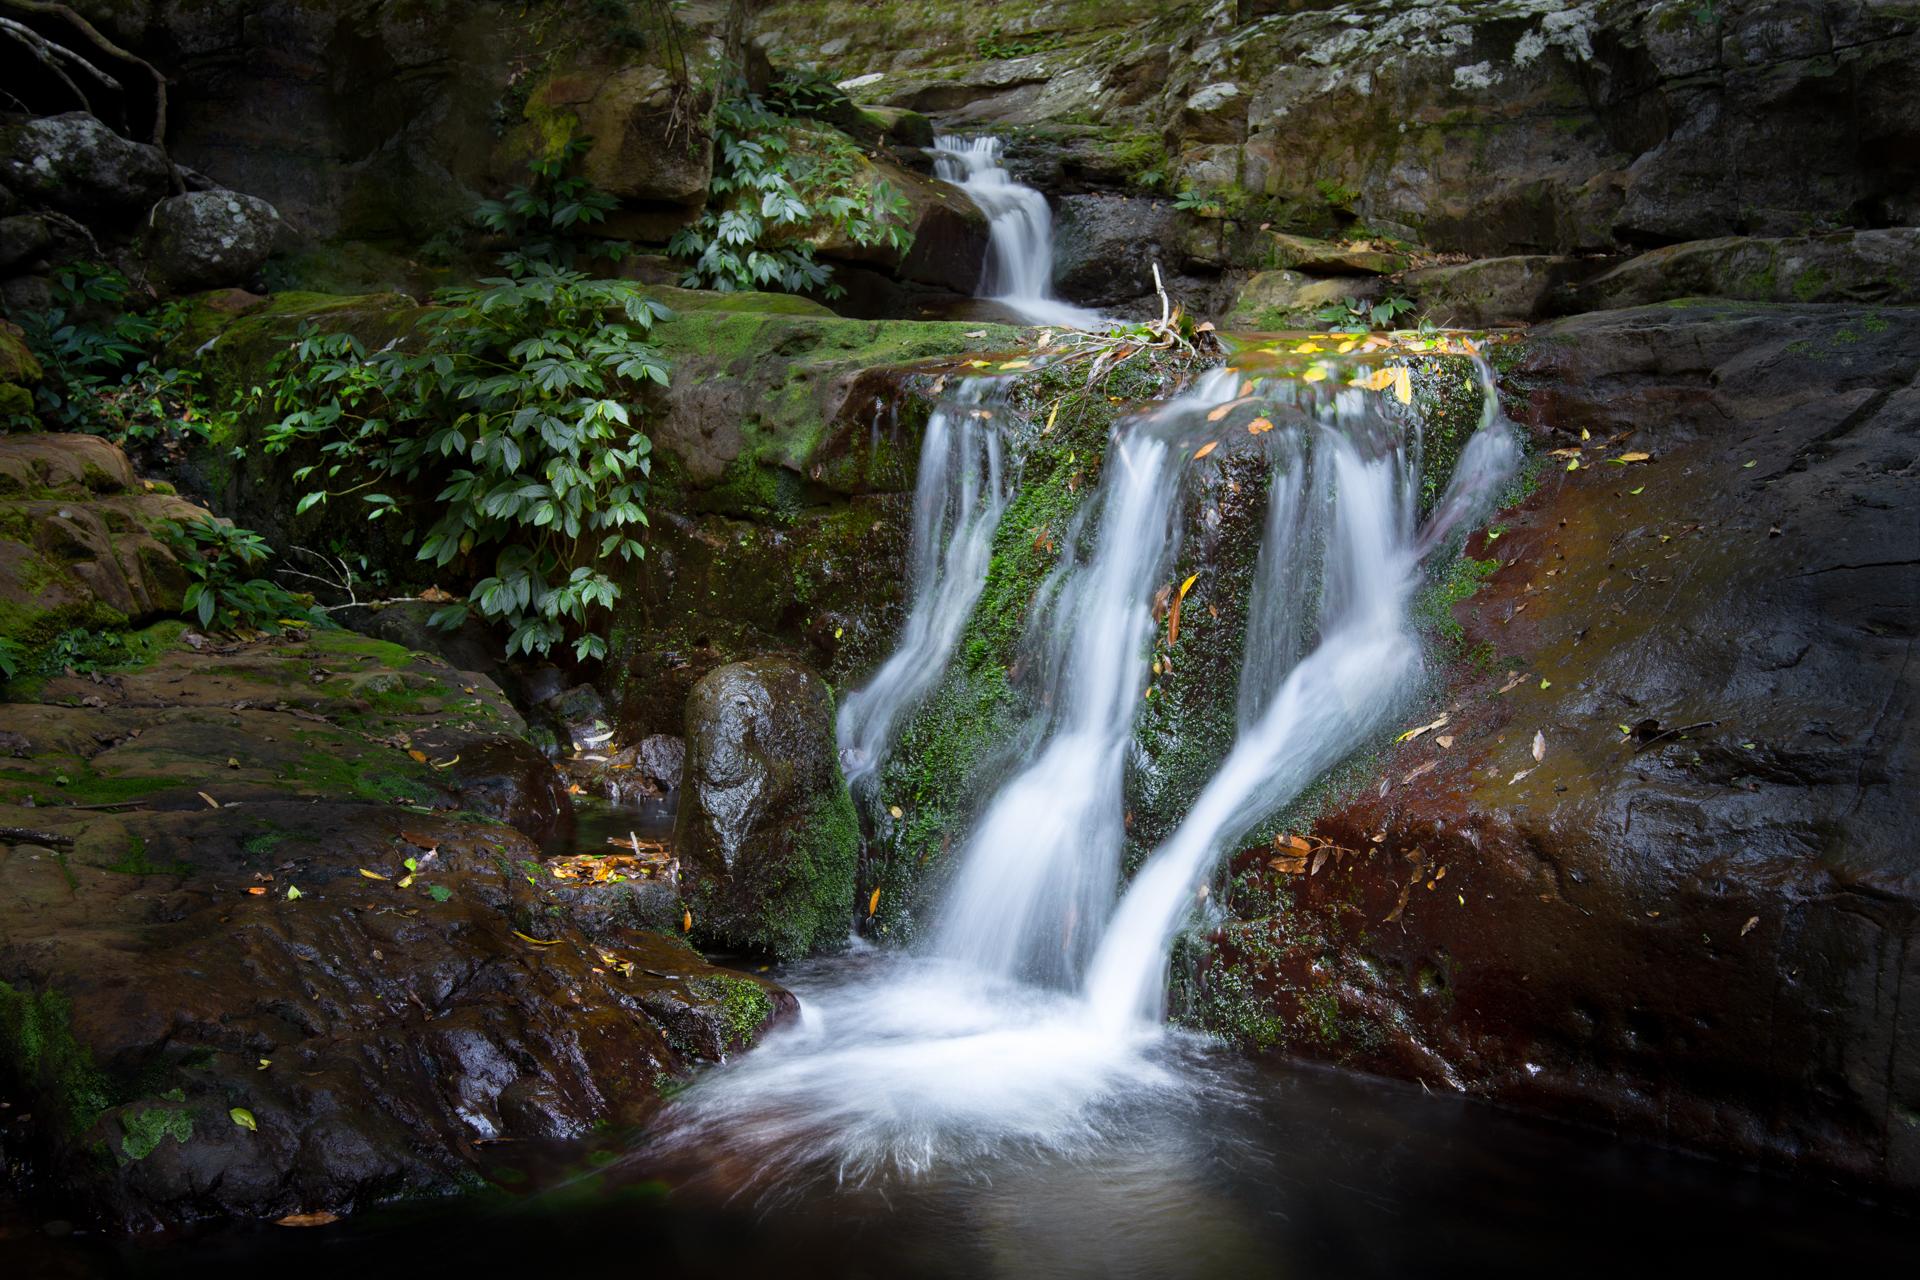 Minamurra River-Dave Kemp